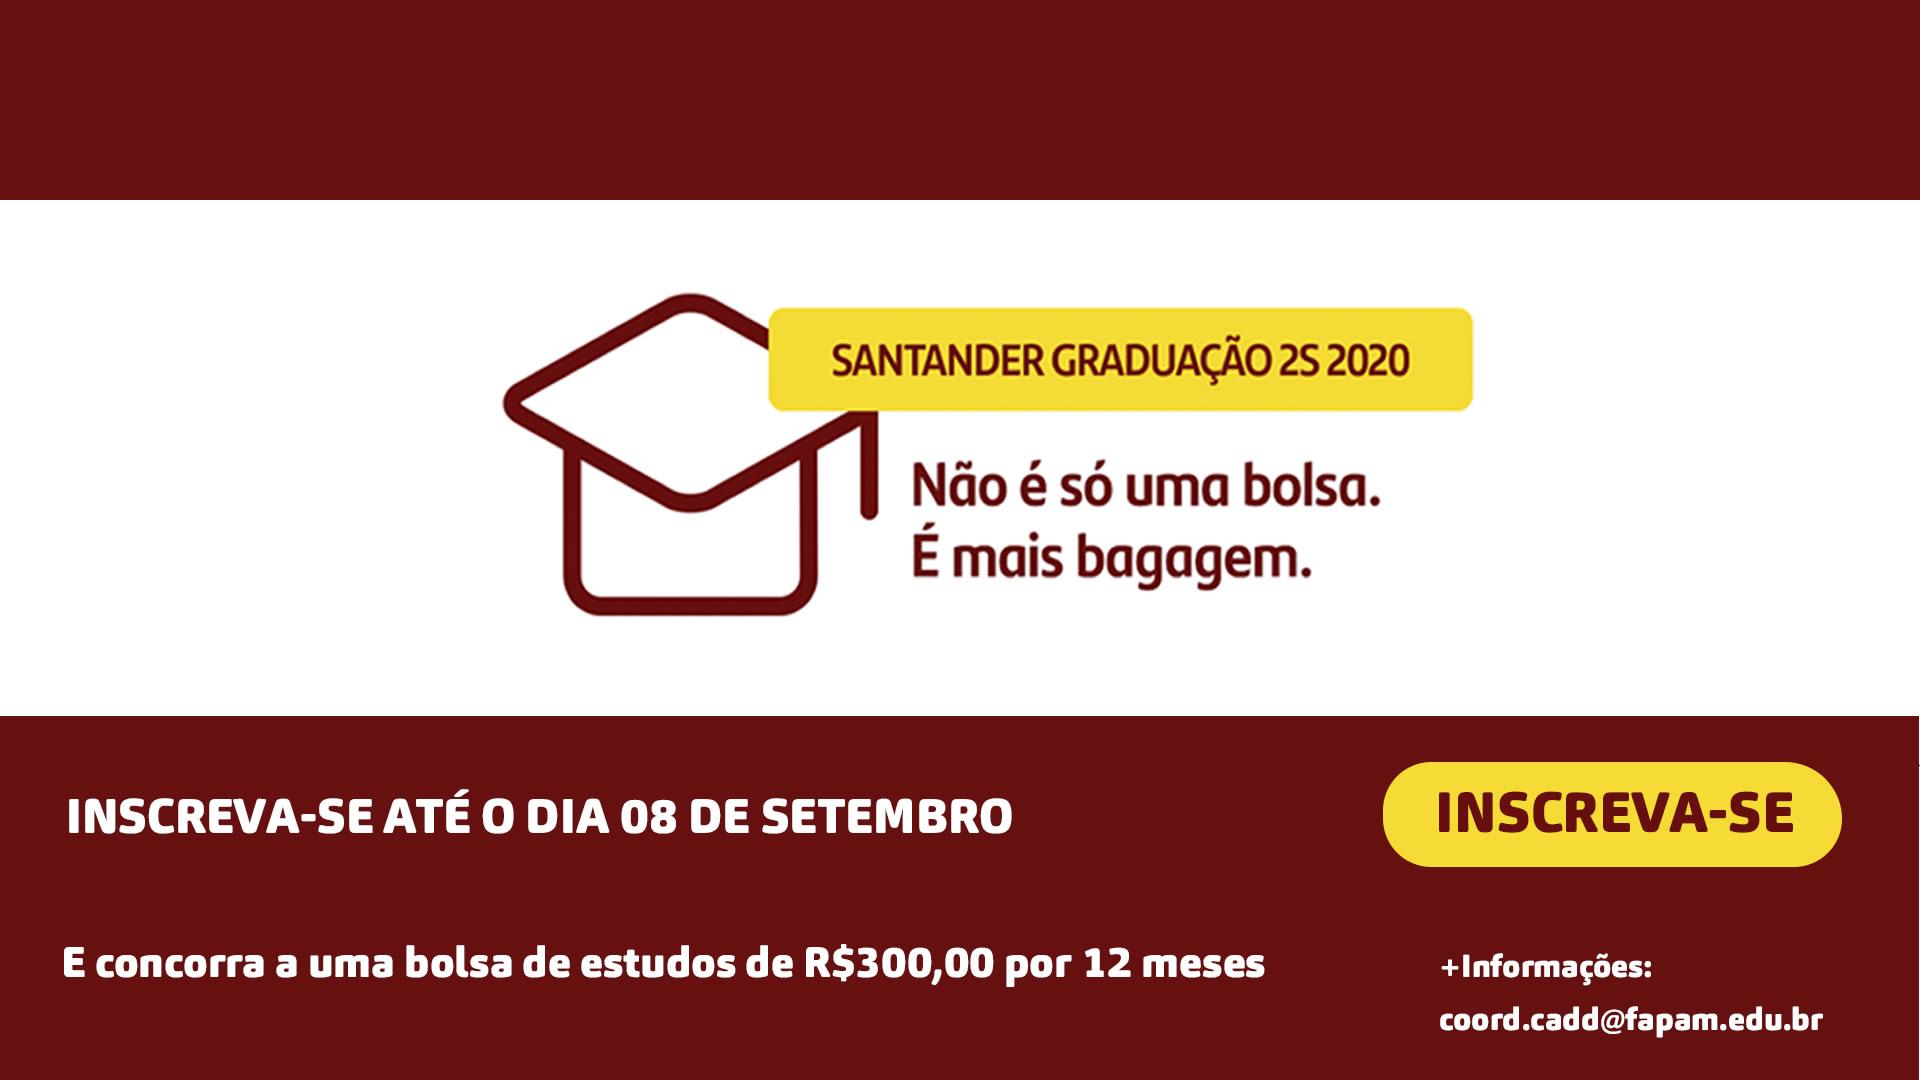 Santander Graduação 2S 2020 - FAPAM